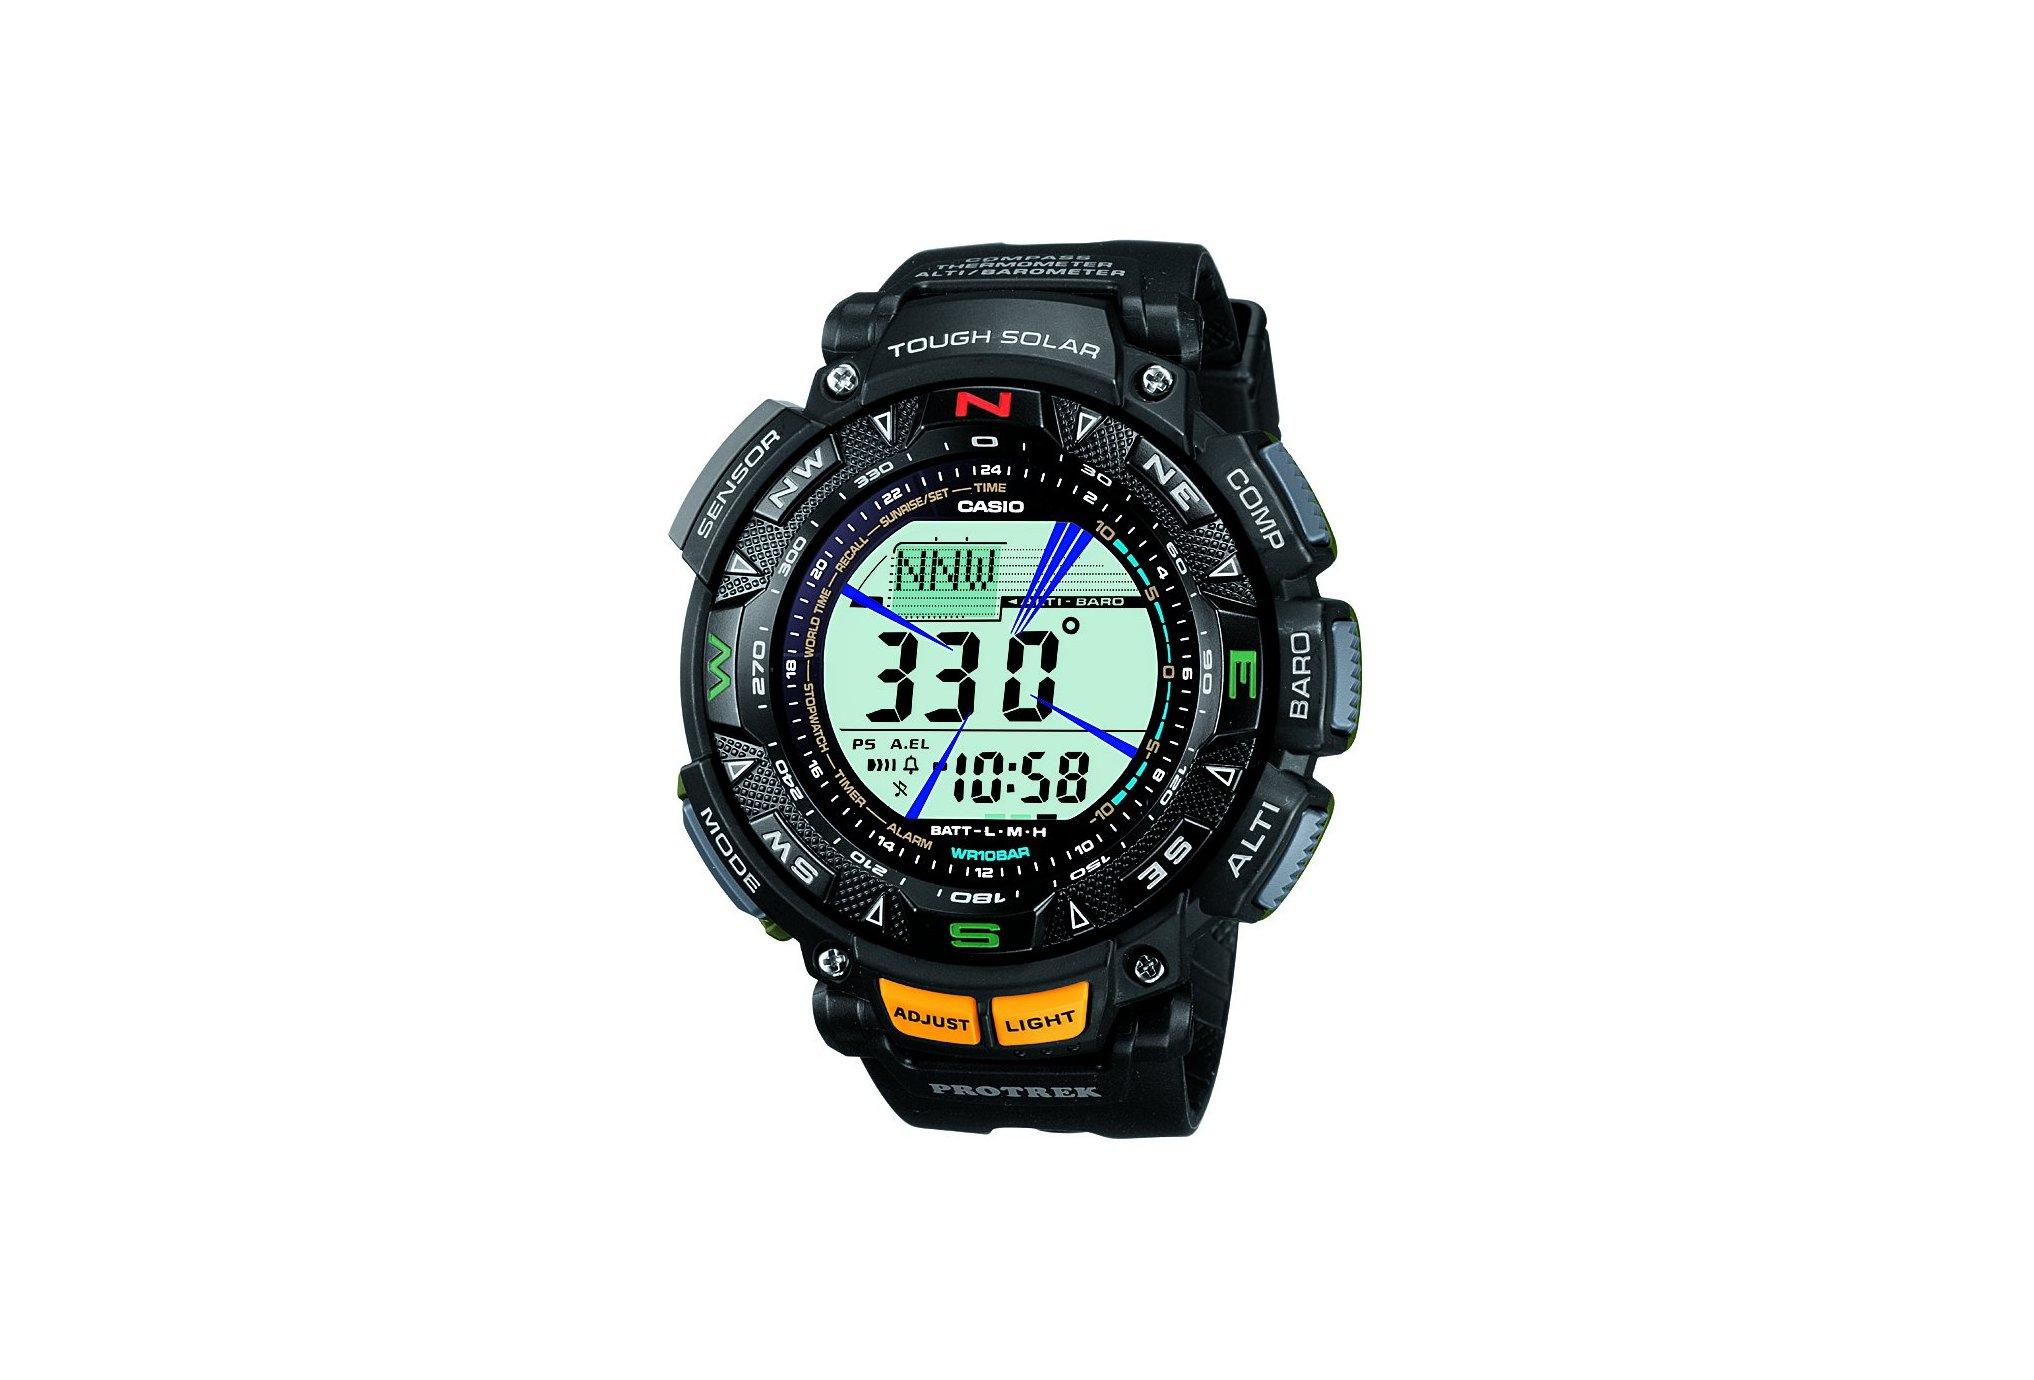 Casio Pro trek prg-240 montres de sport